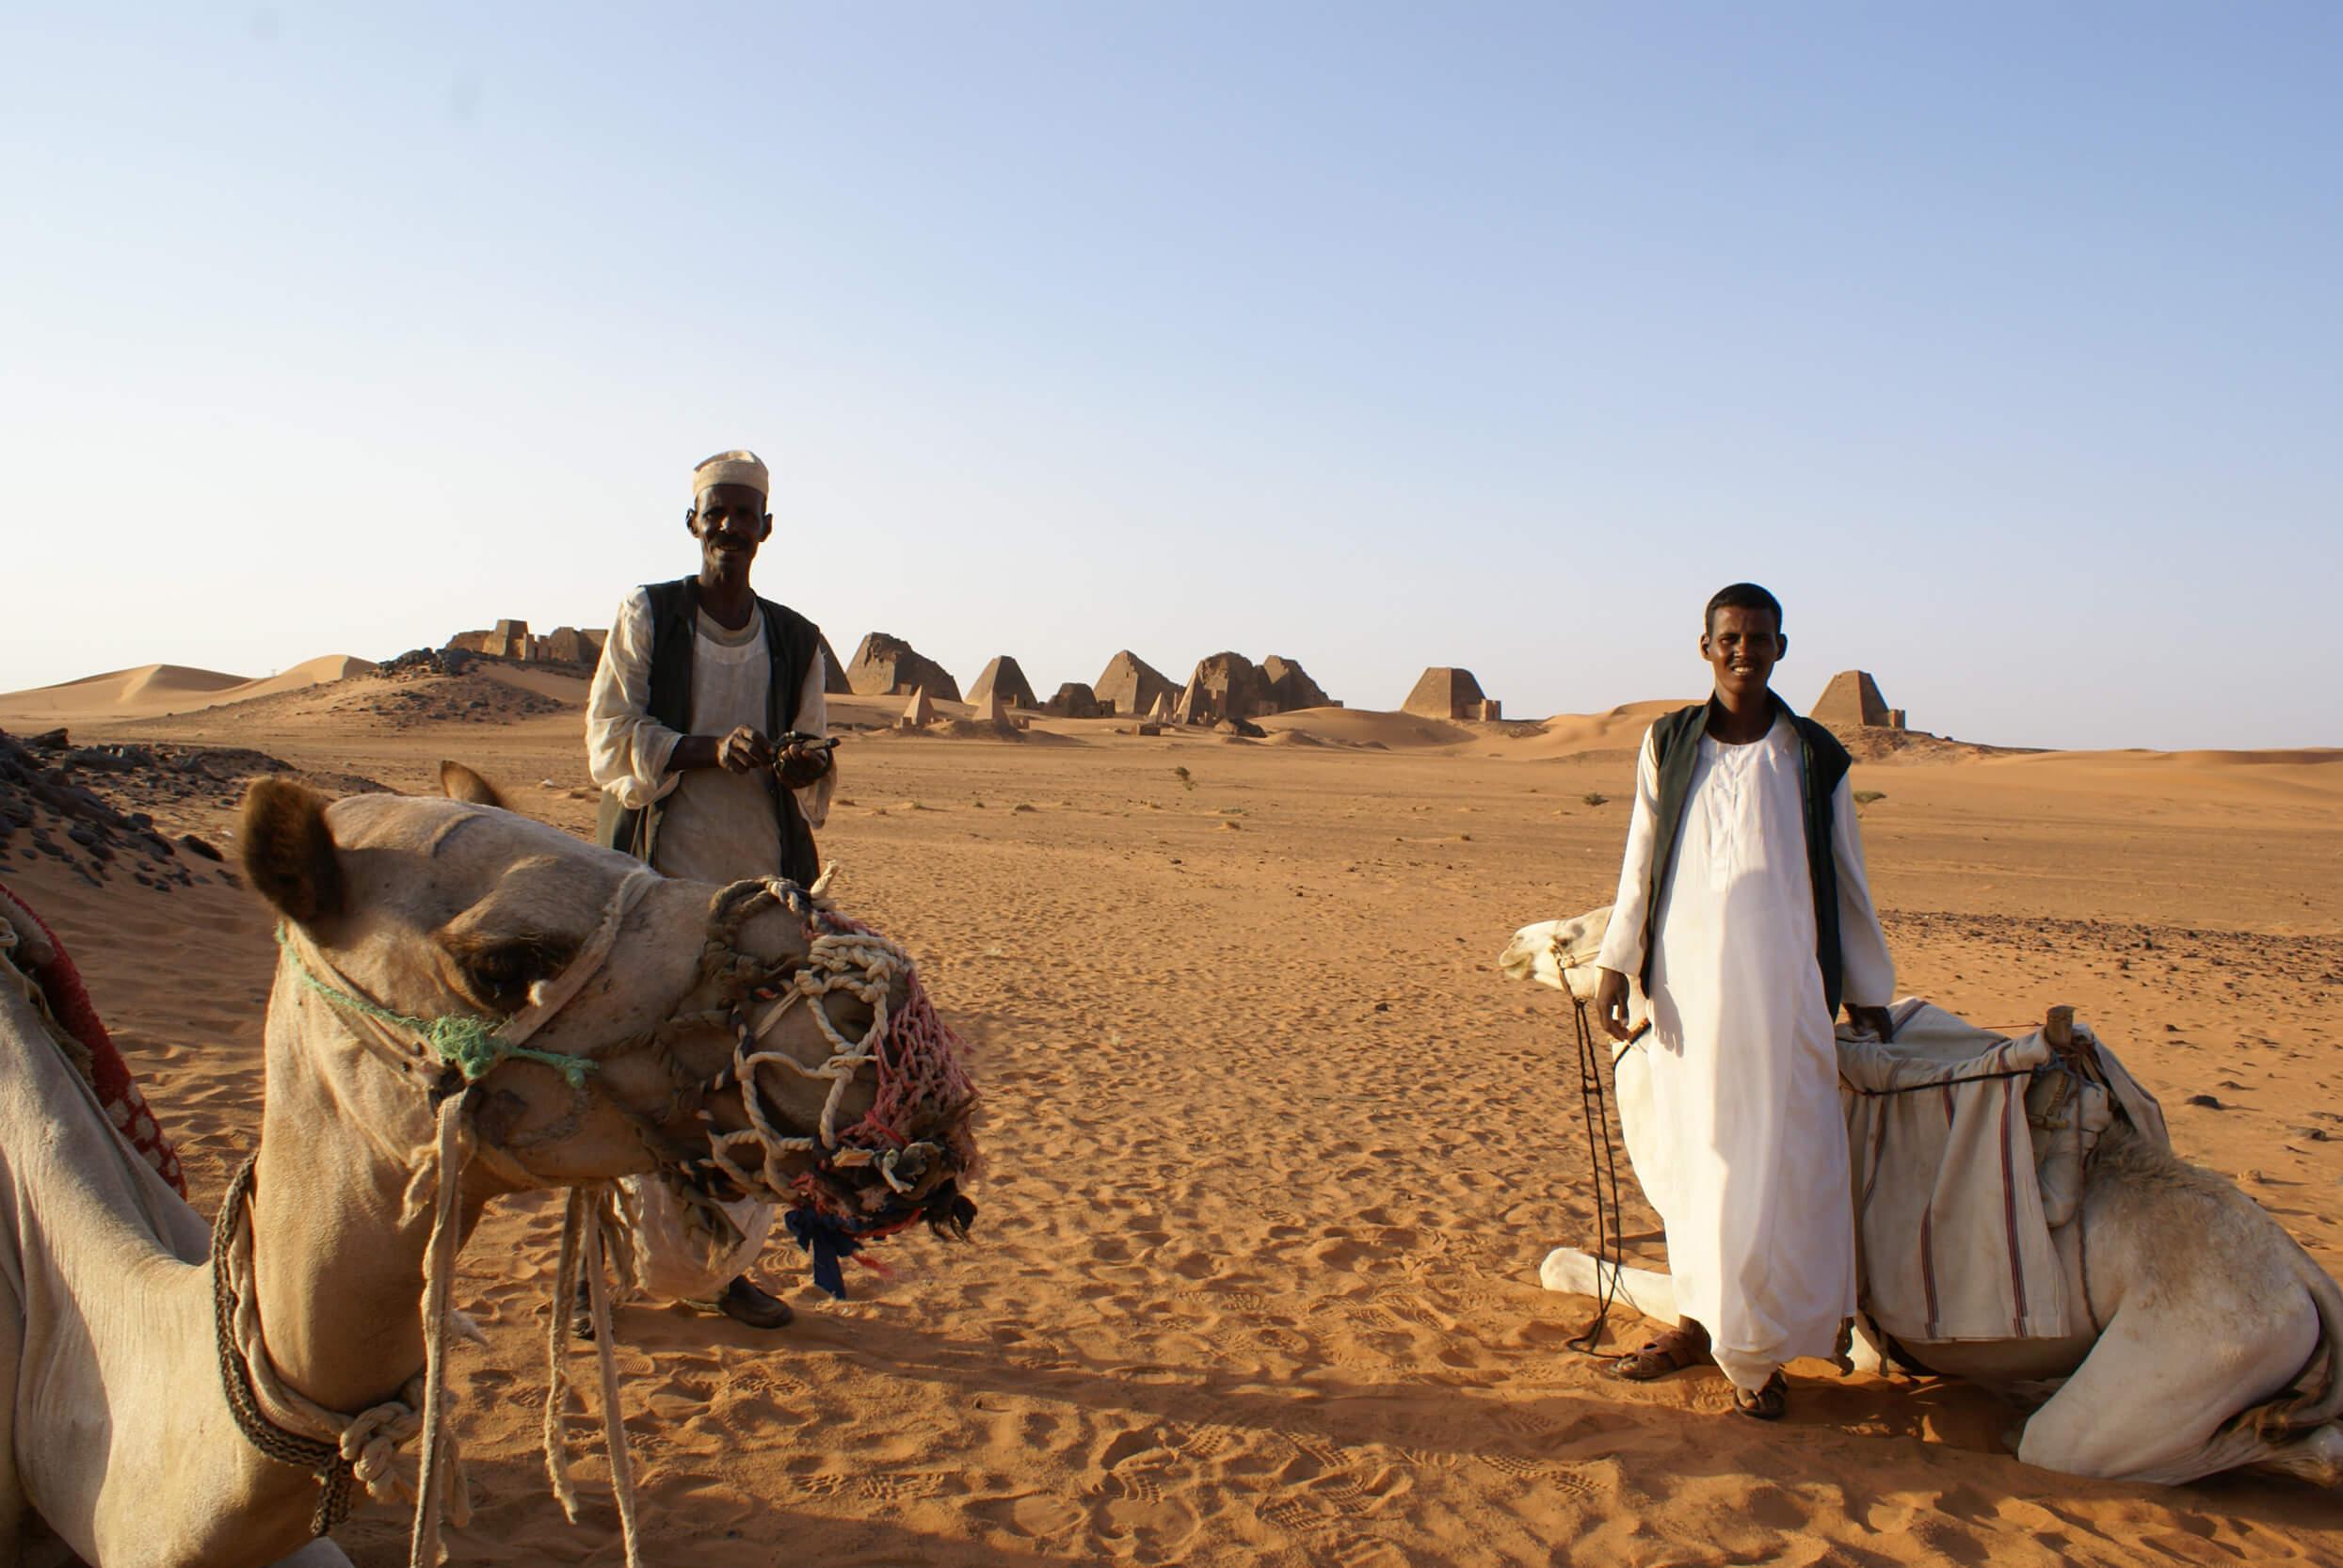 https://bubo.sk/uploads/galleries/7407/lubosfellner_sudan_pyramidy-a-tu-sme-spali-boli-sme-uplne-samy-4-.jpg